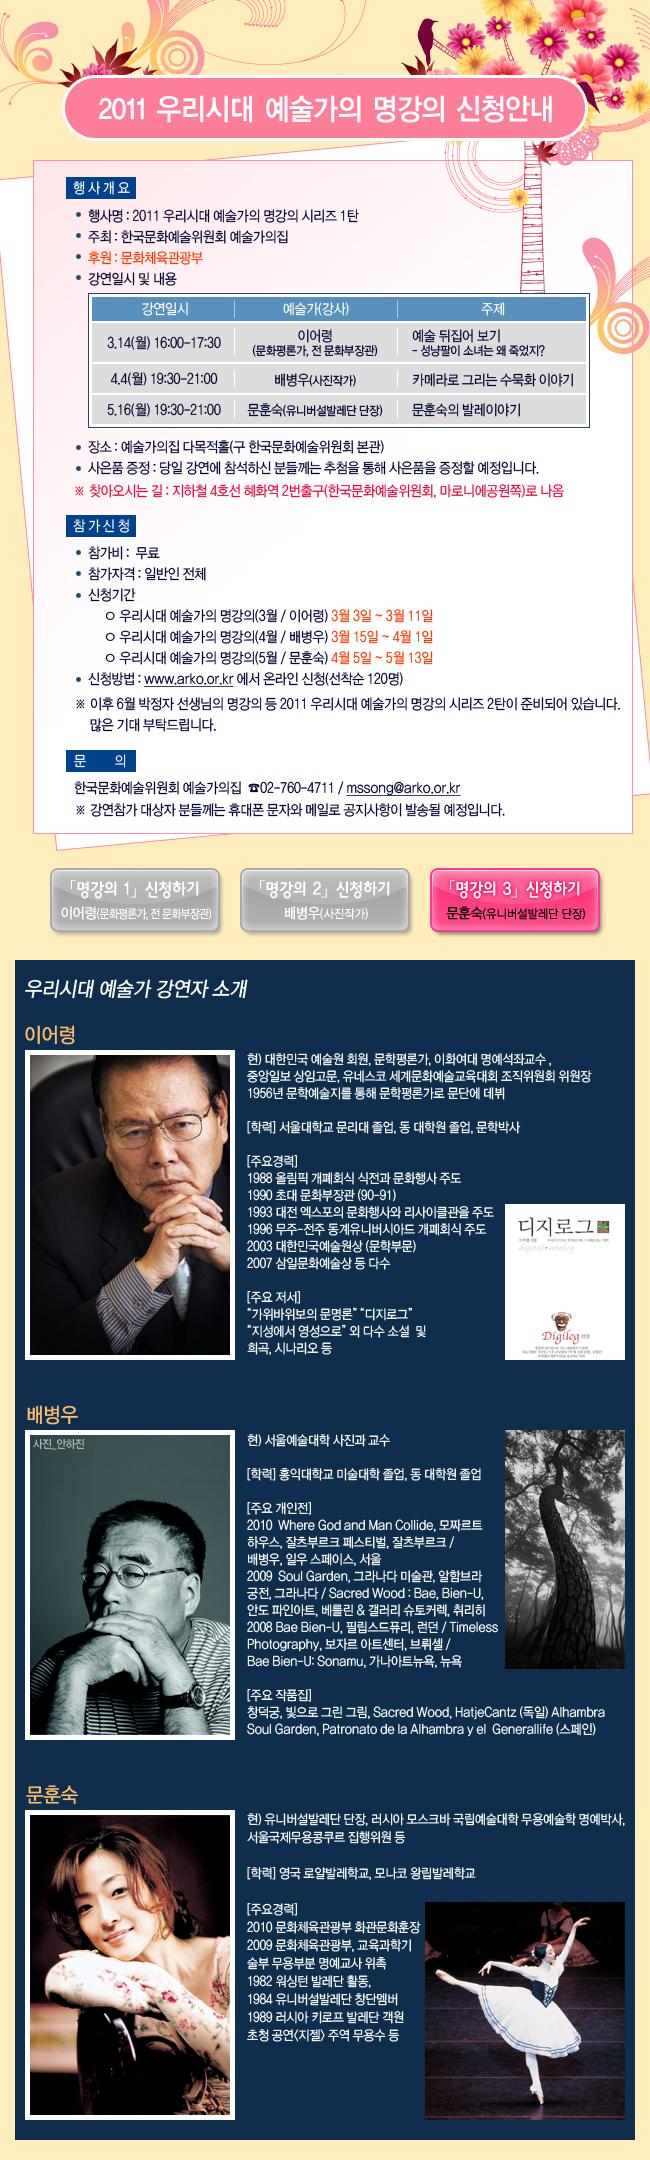 2011 우리시대 예술가의 명강의 신청안내